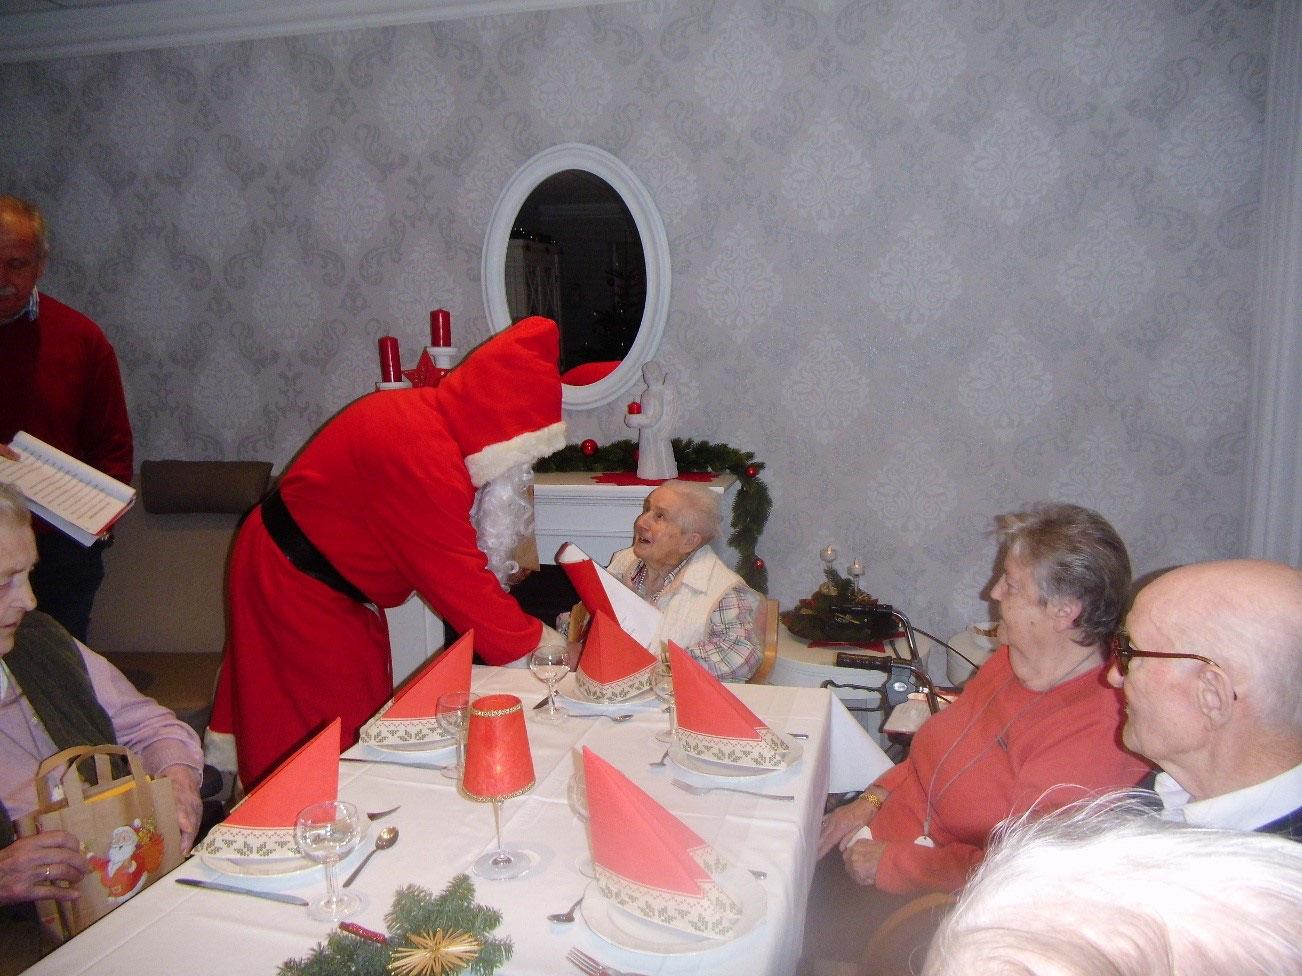 Die Besten Weihnachtslieder An Heiligabend.Heiligabend Evangelisches Rentner Und Alten Wohnheim